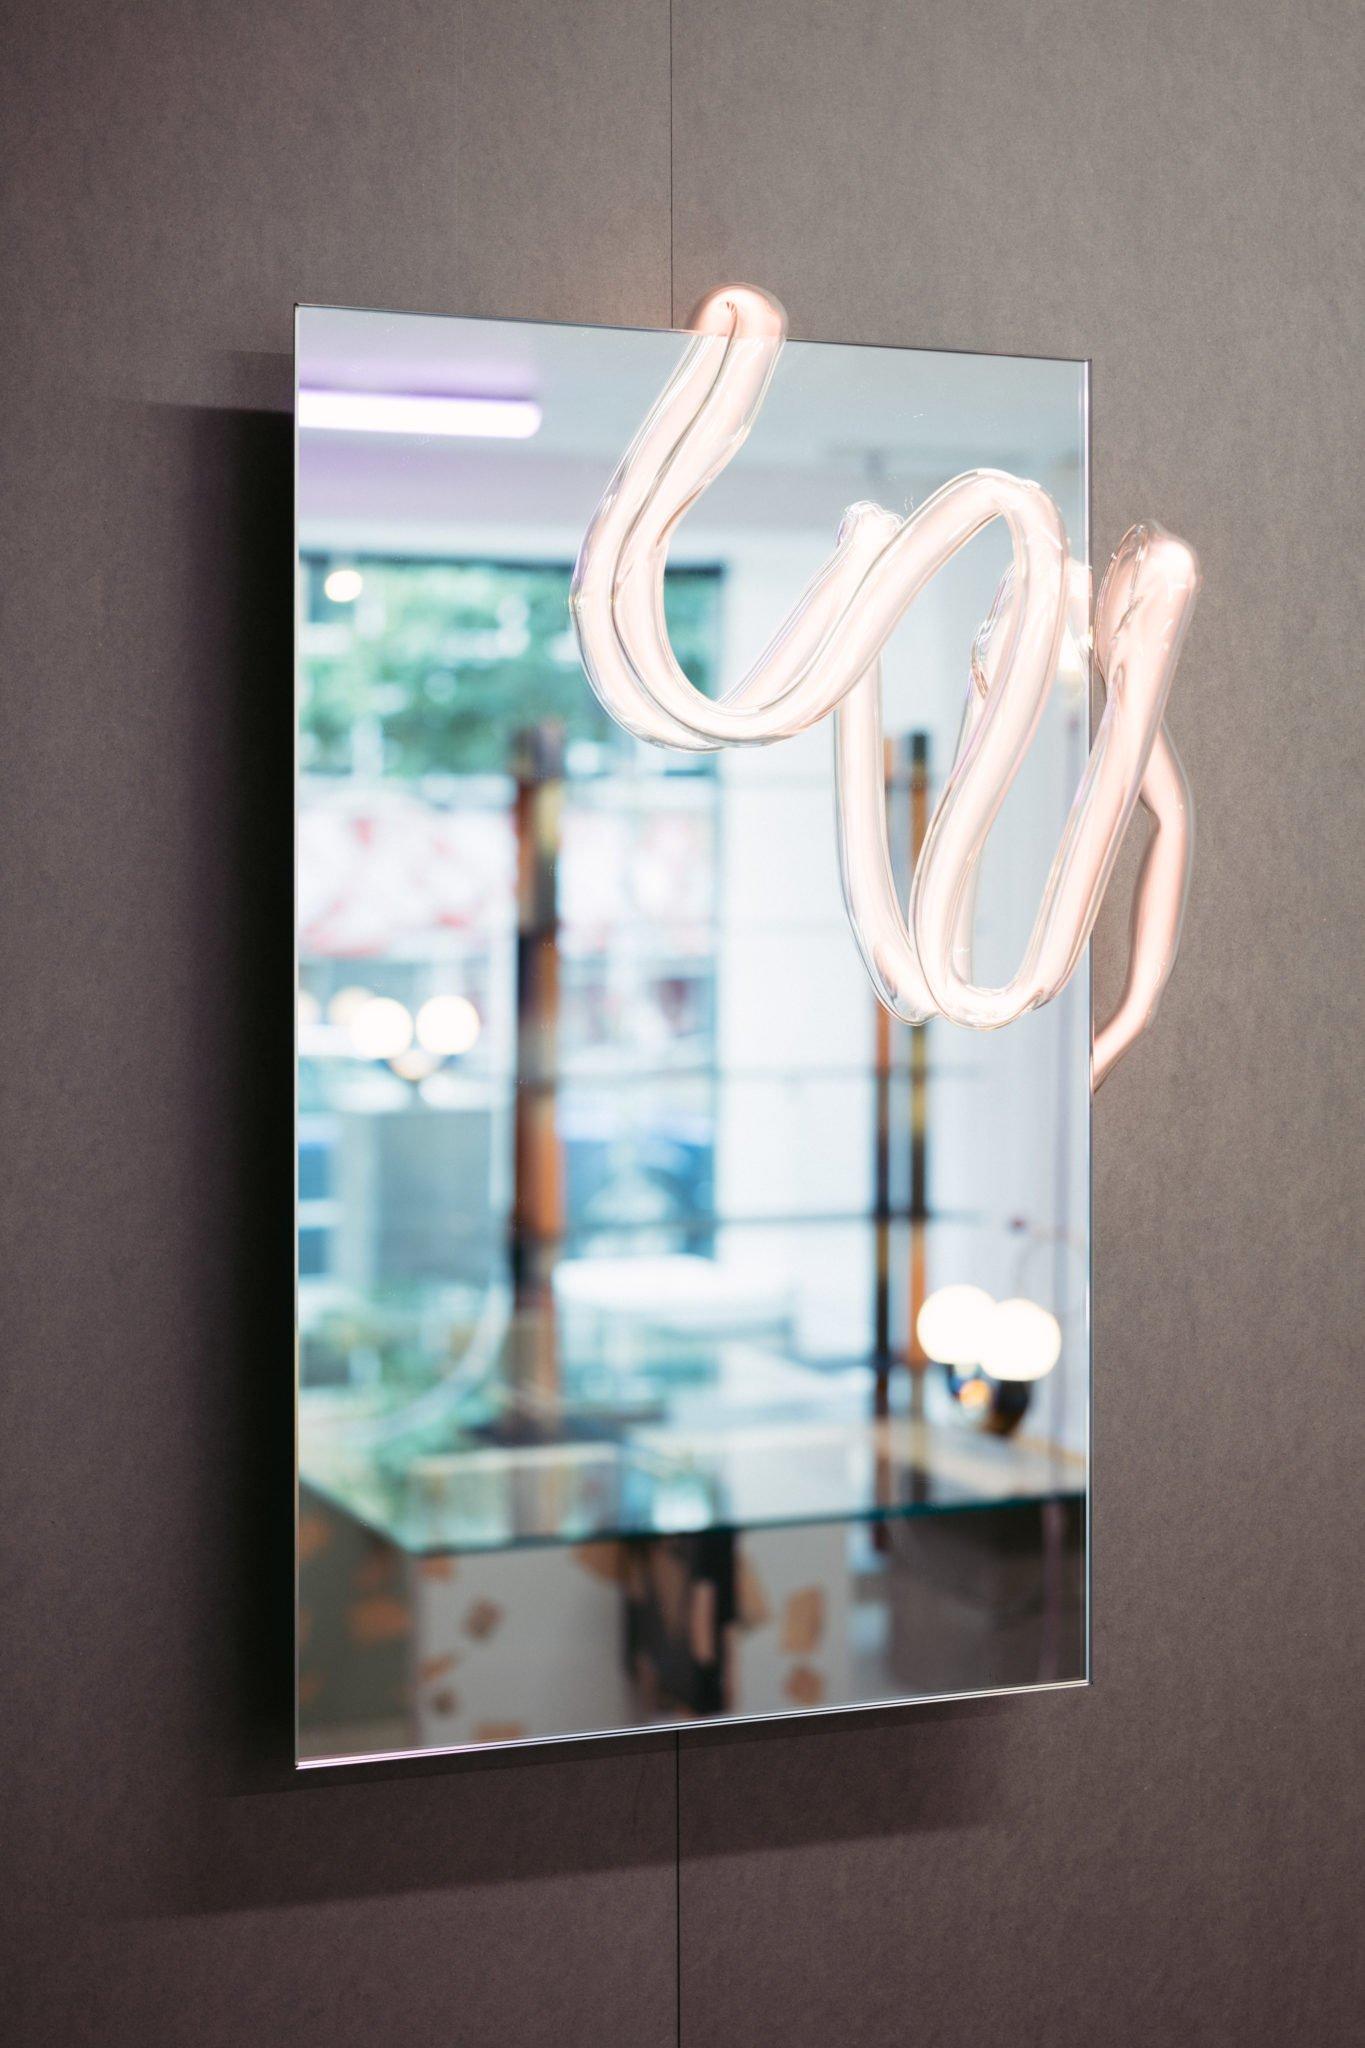 London Design Festival 2019: Relay Design Agency présente Arcade Collection #1